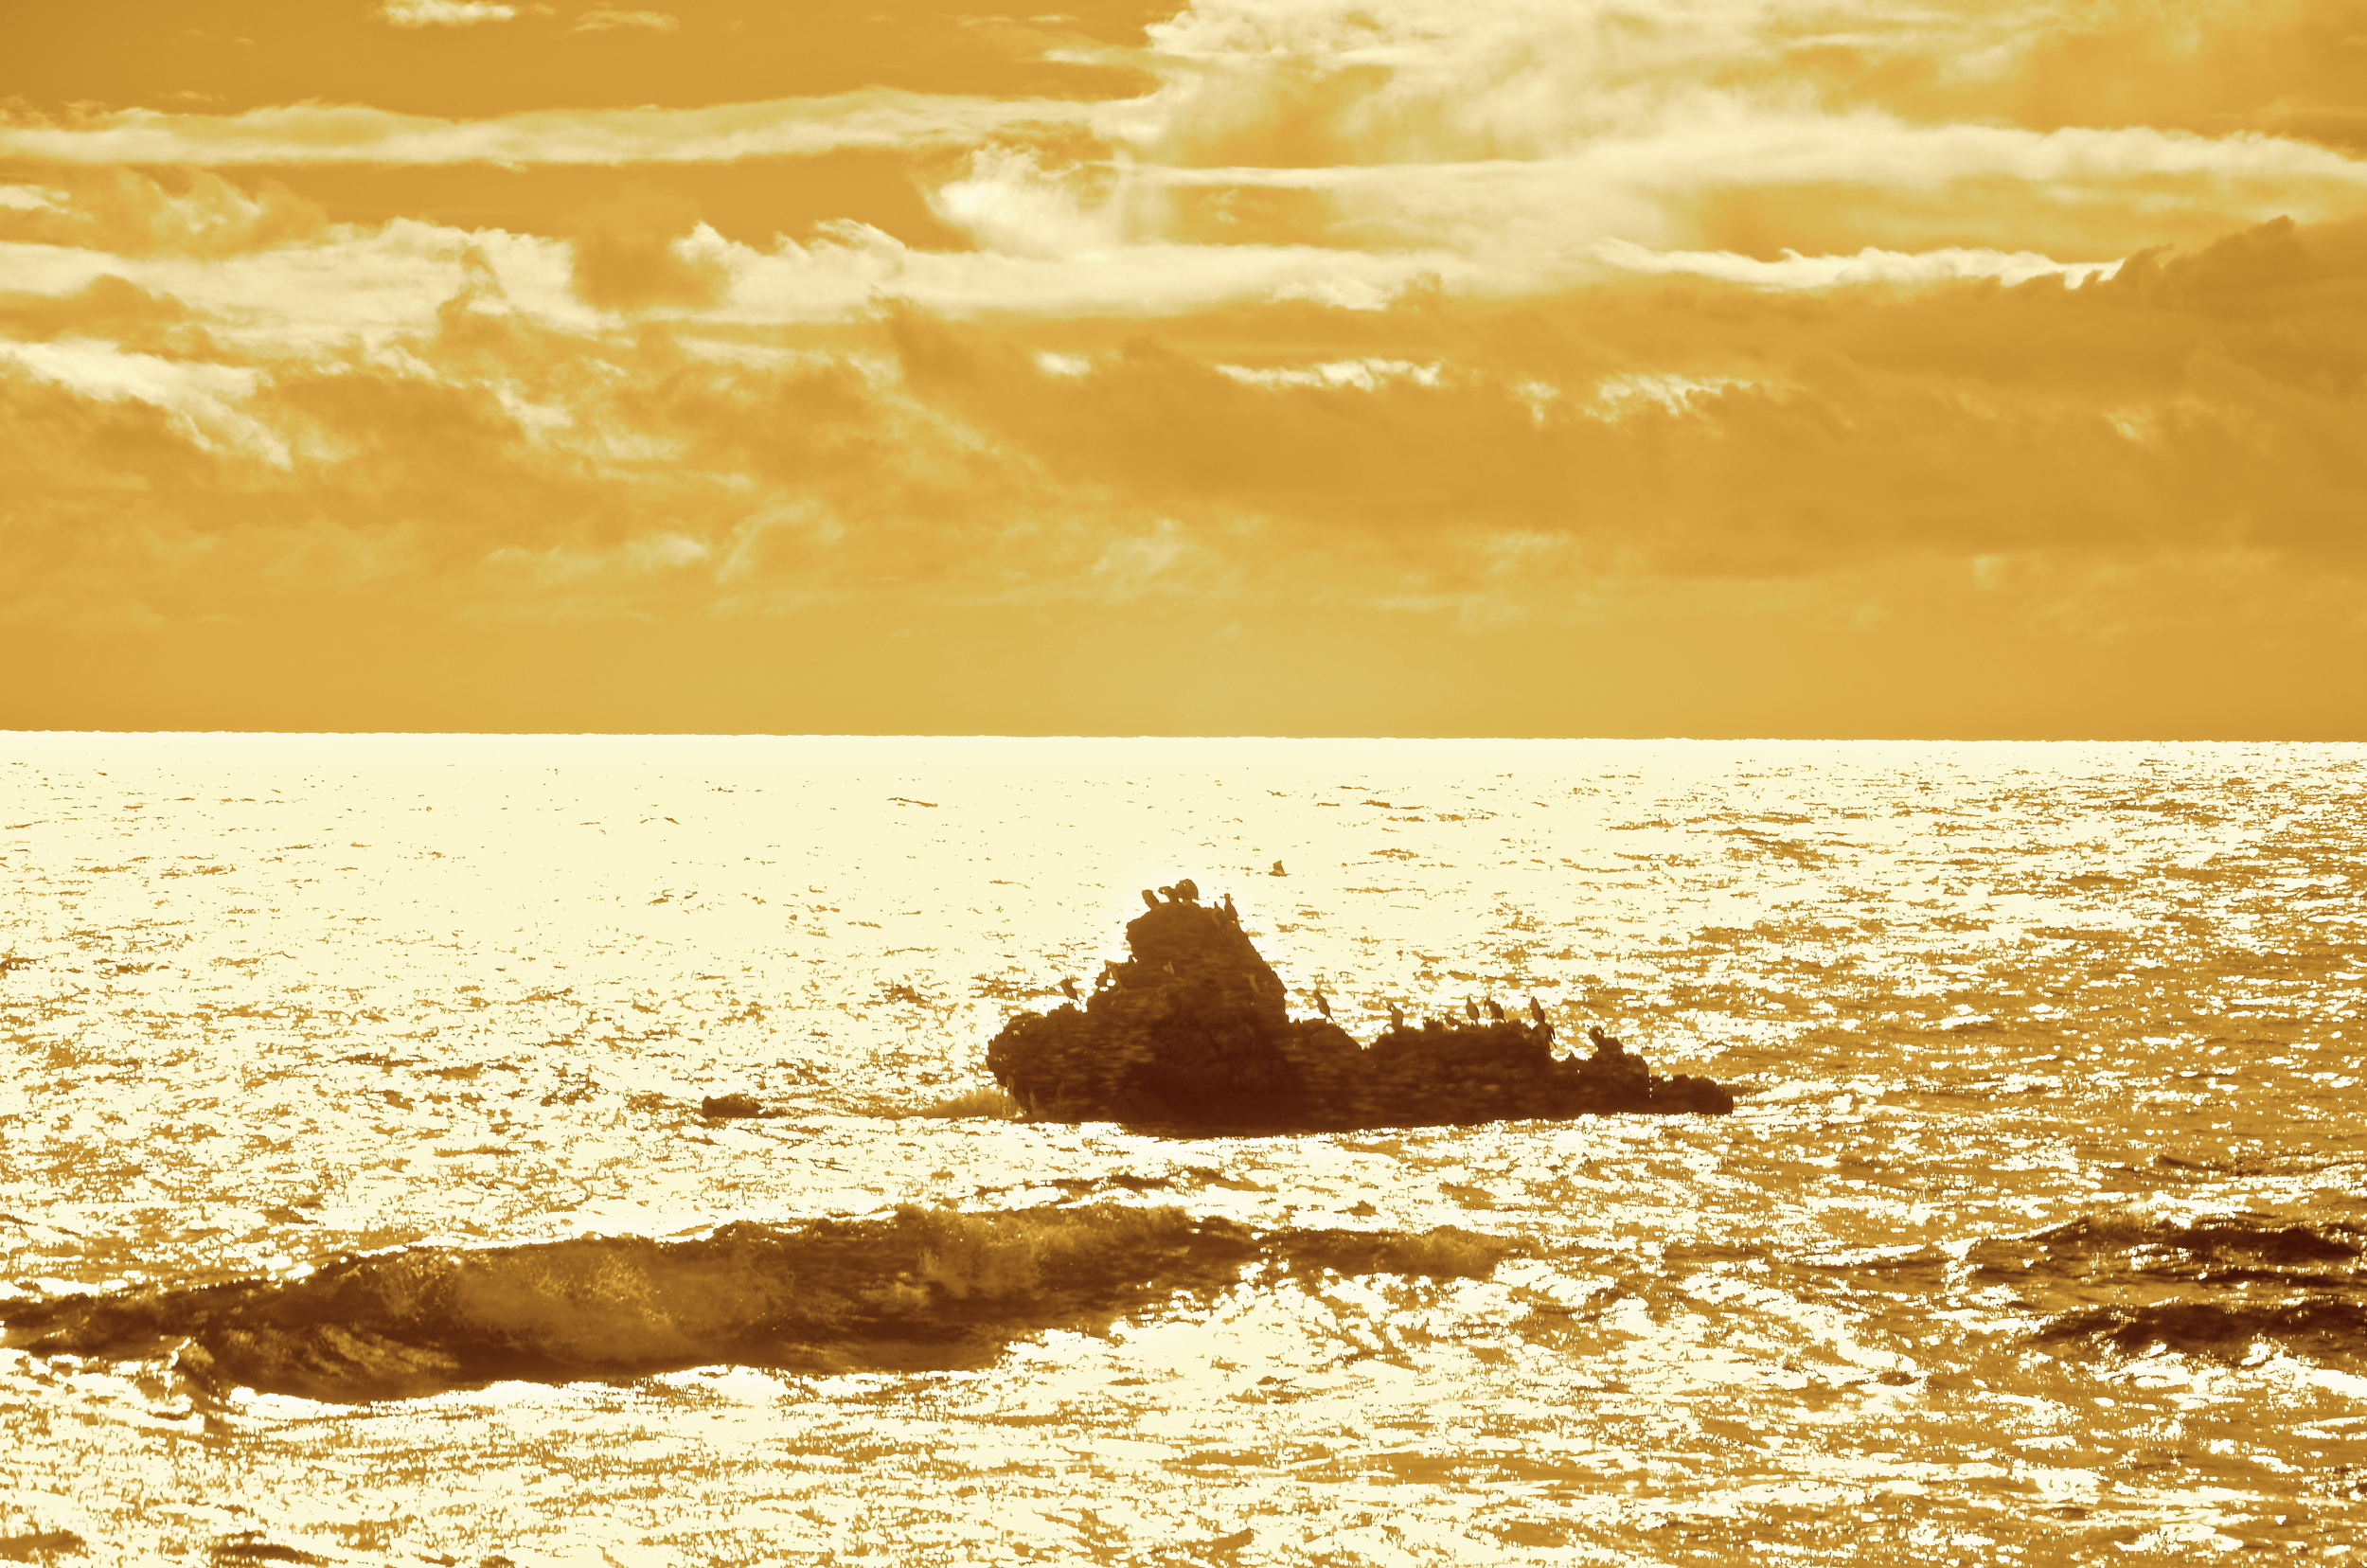 Golden morning in Penguin.